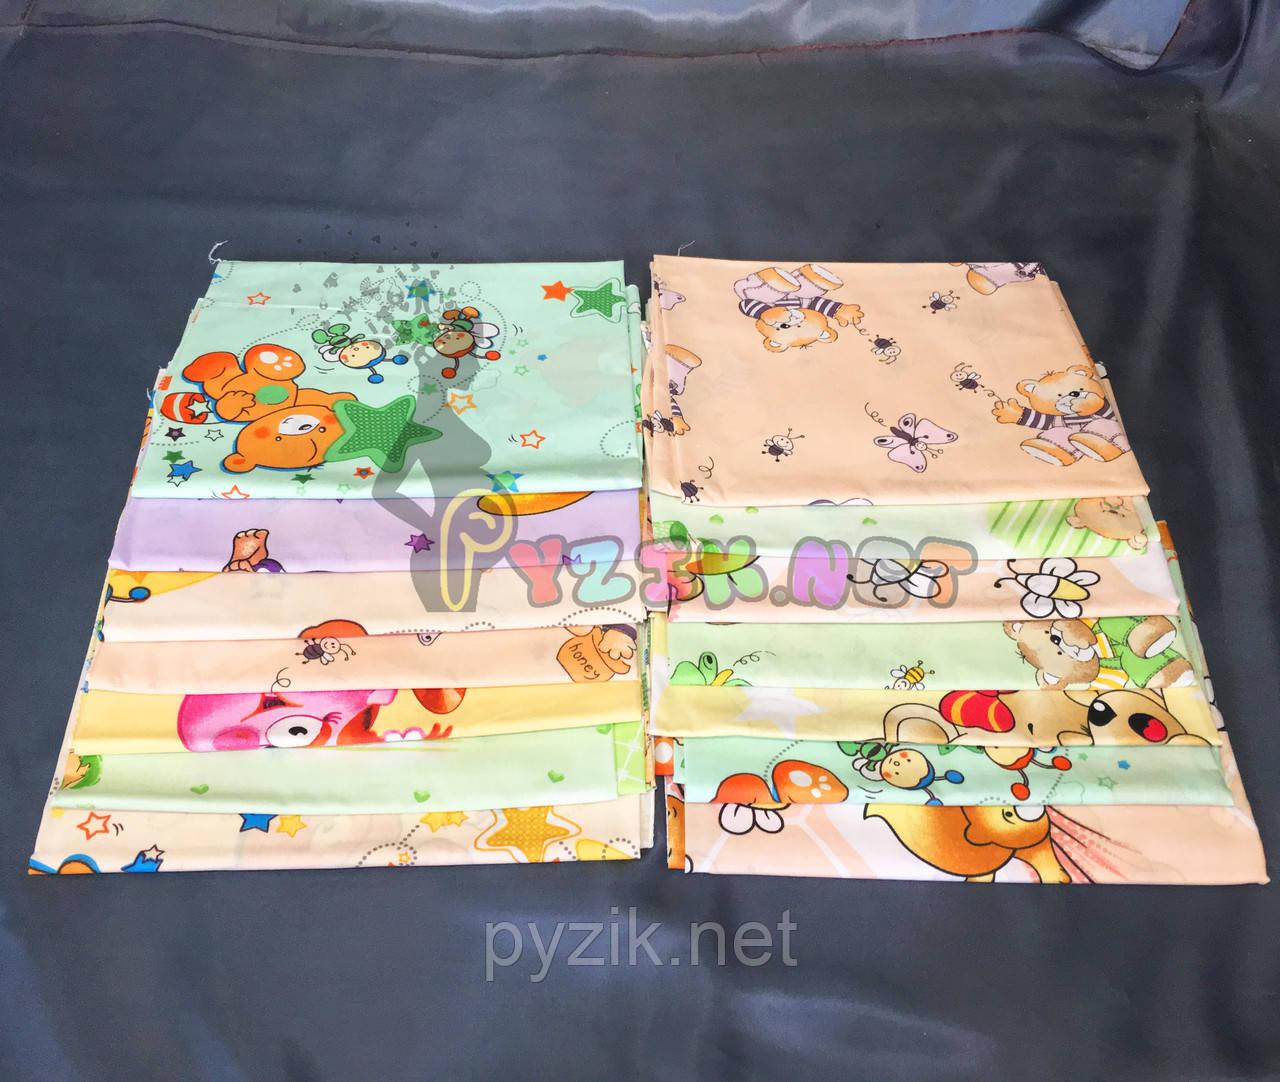 Комплект нежные ситцевые пеленки нейтральные тона (5 шт)